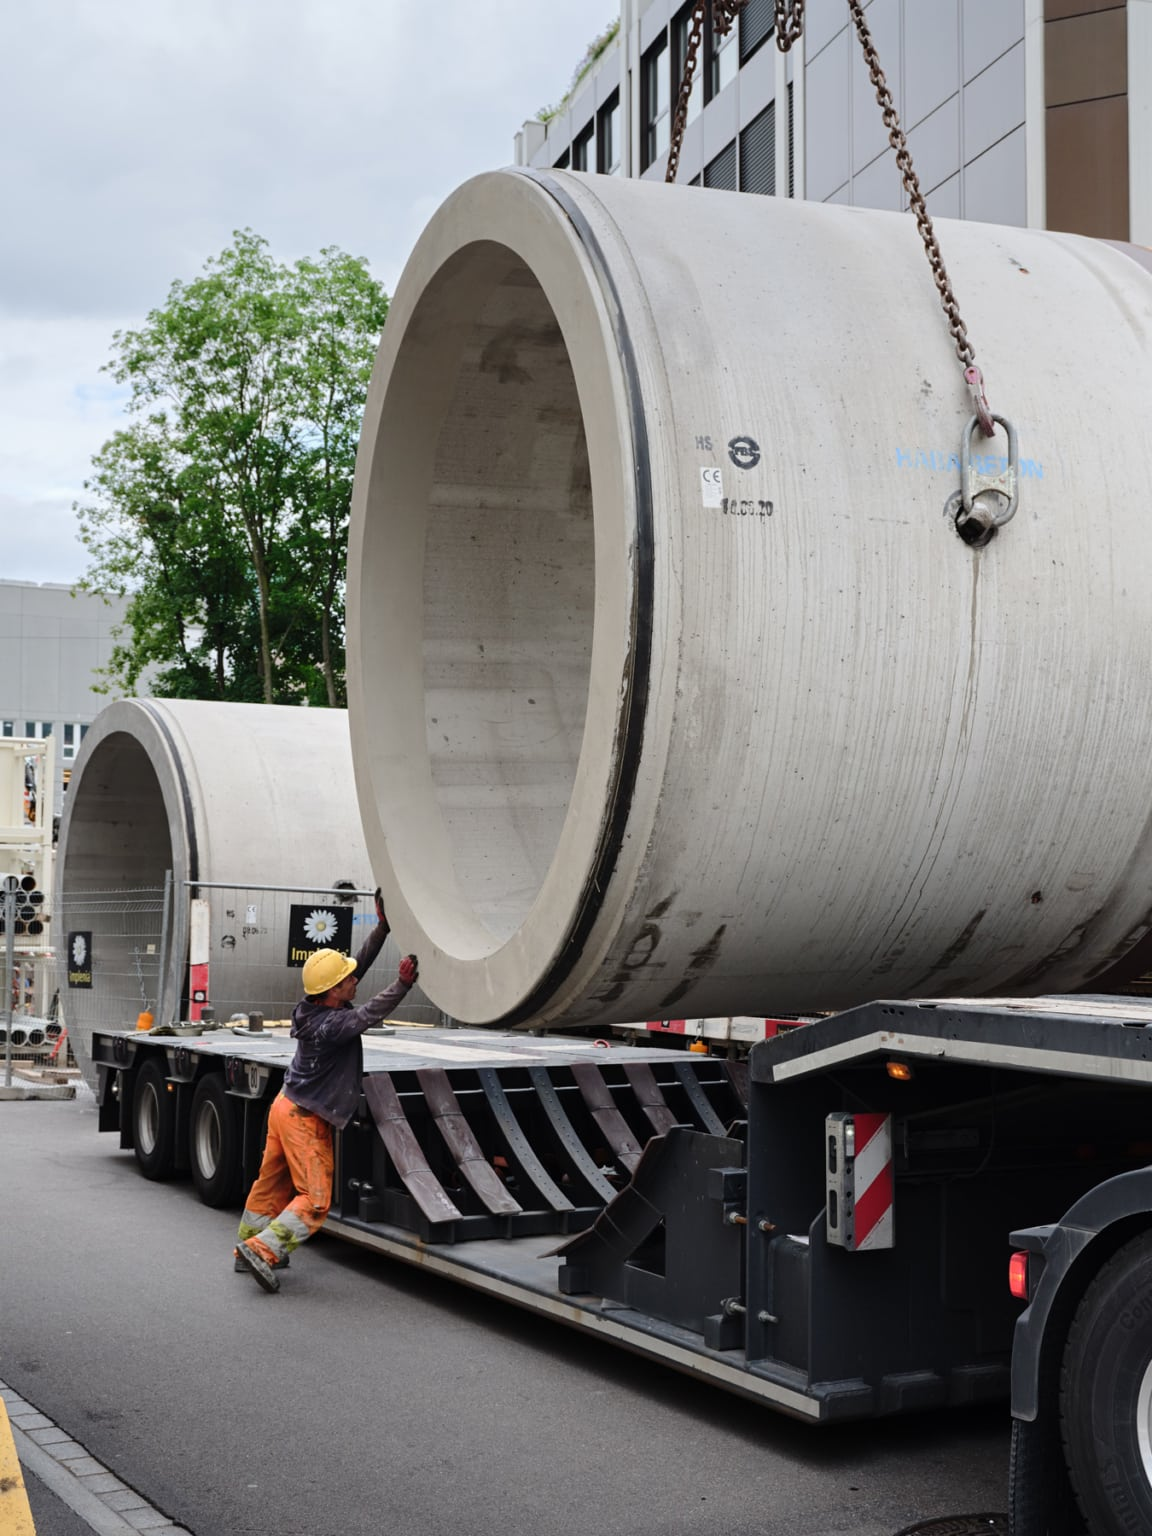 Sonntag Bau AG - Fernwärme Projekt Zürich - Microtunneling - Vortiebsrohr 21 Tonnen